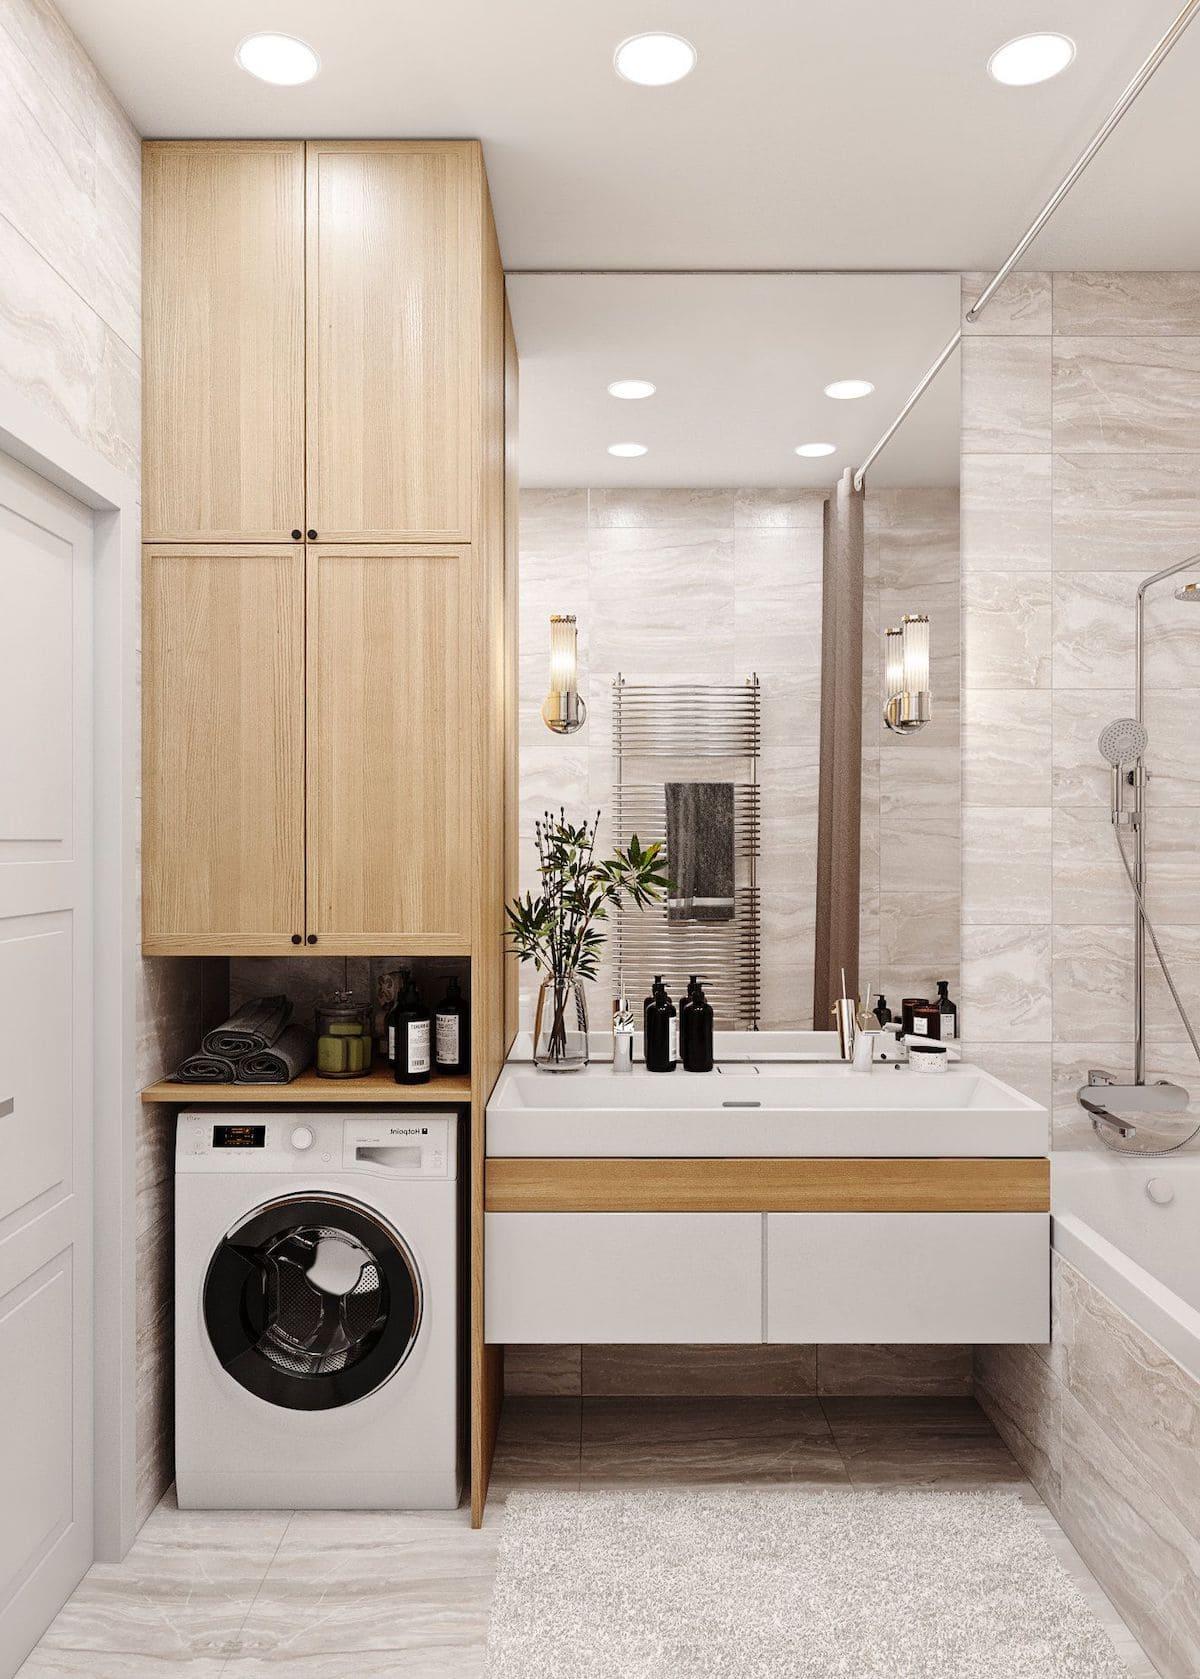 дизайн интерьера ванной комнаты фото 66